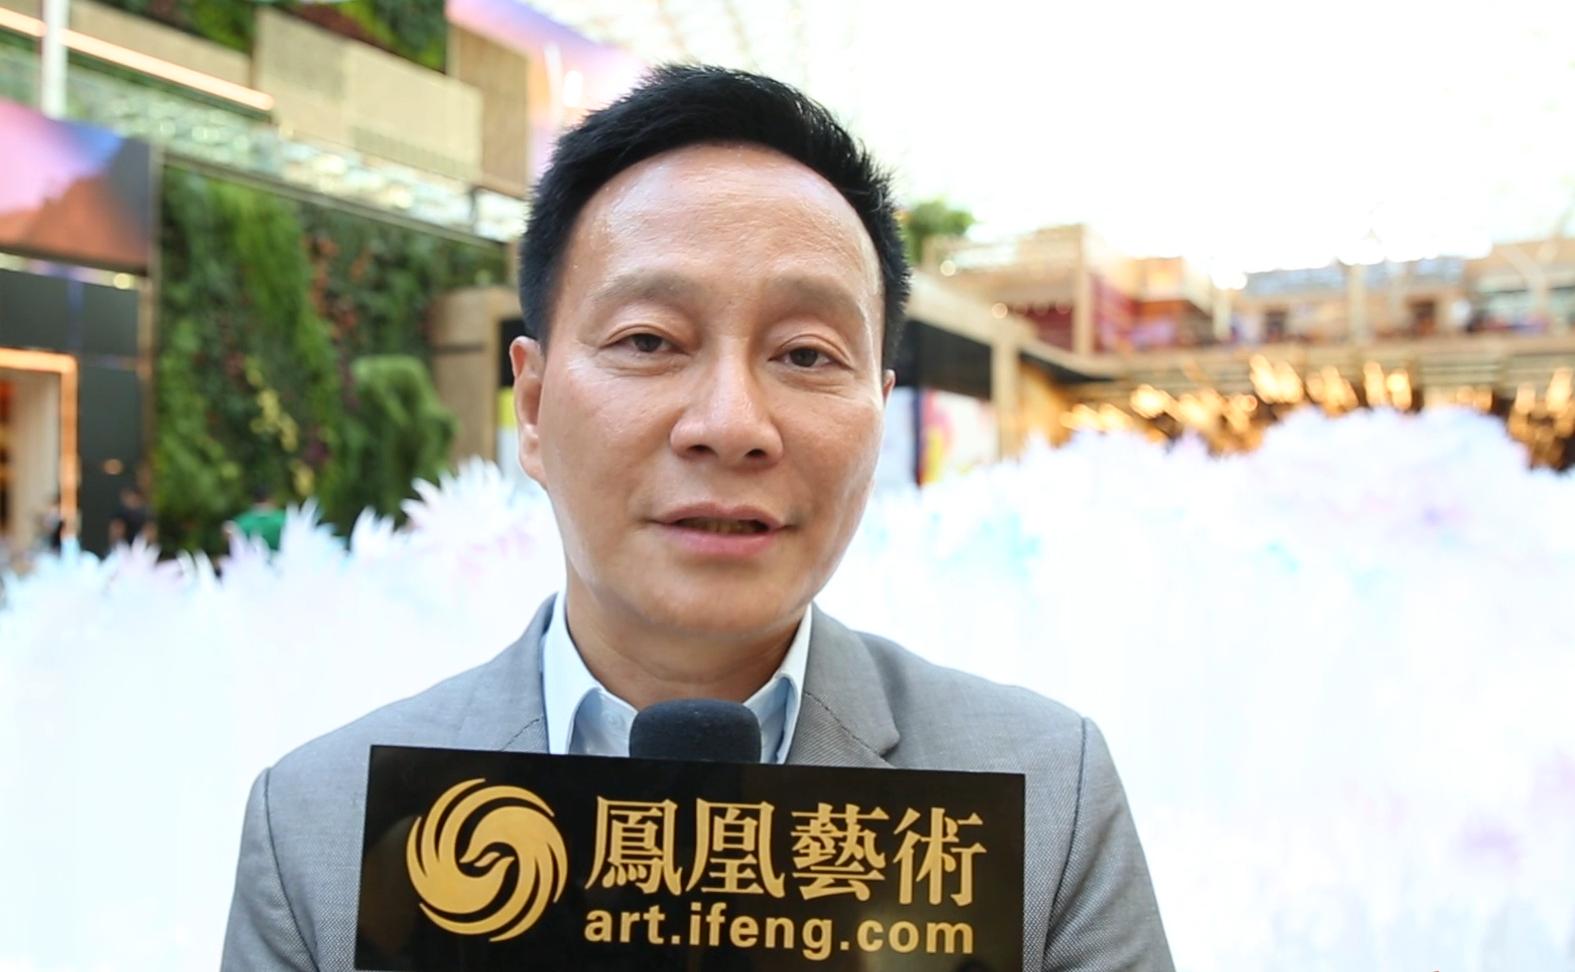 李伟民:相信未来十年内地与港澳有更多的文化艺术合作